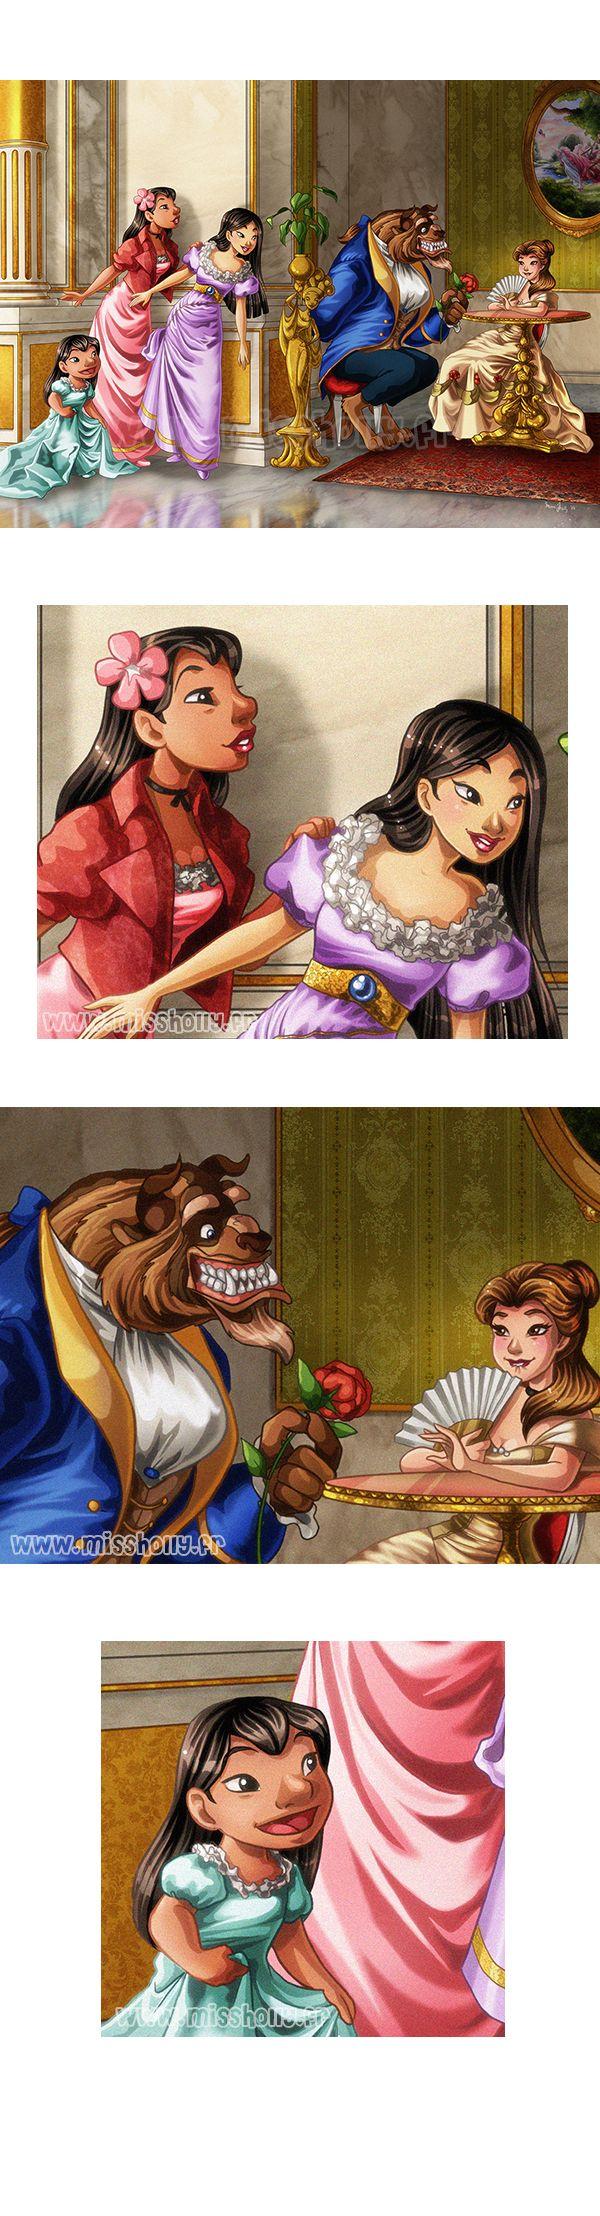 Princess by Tseumpfeuh